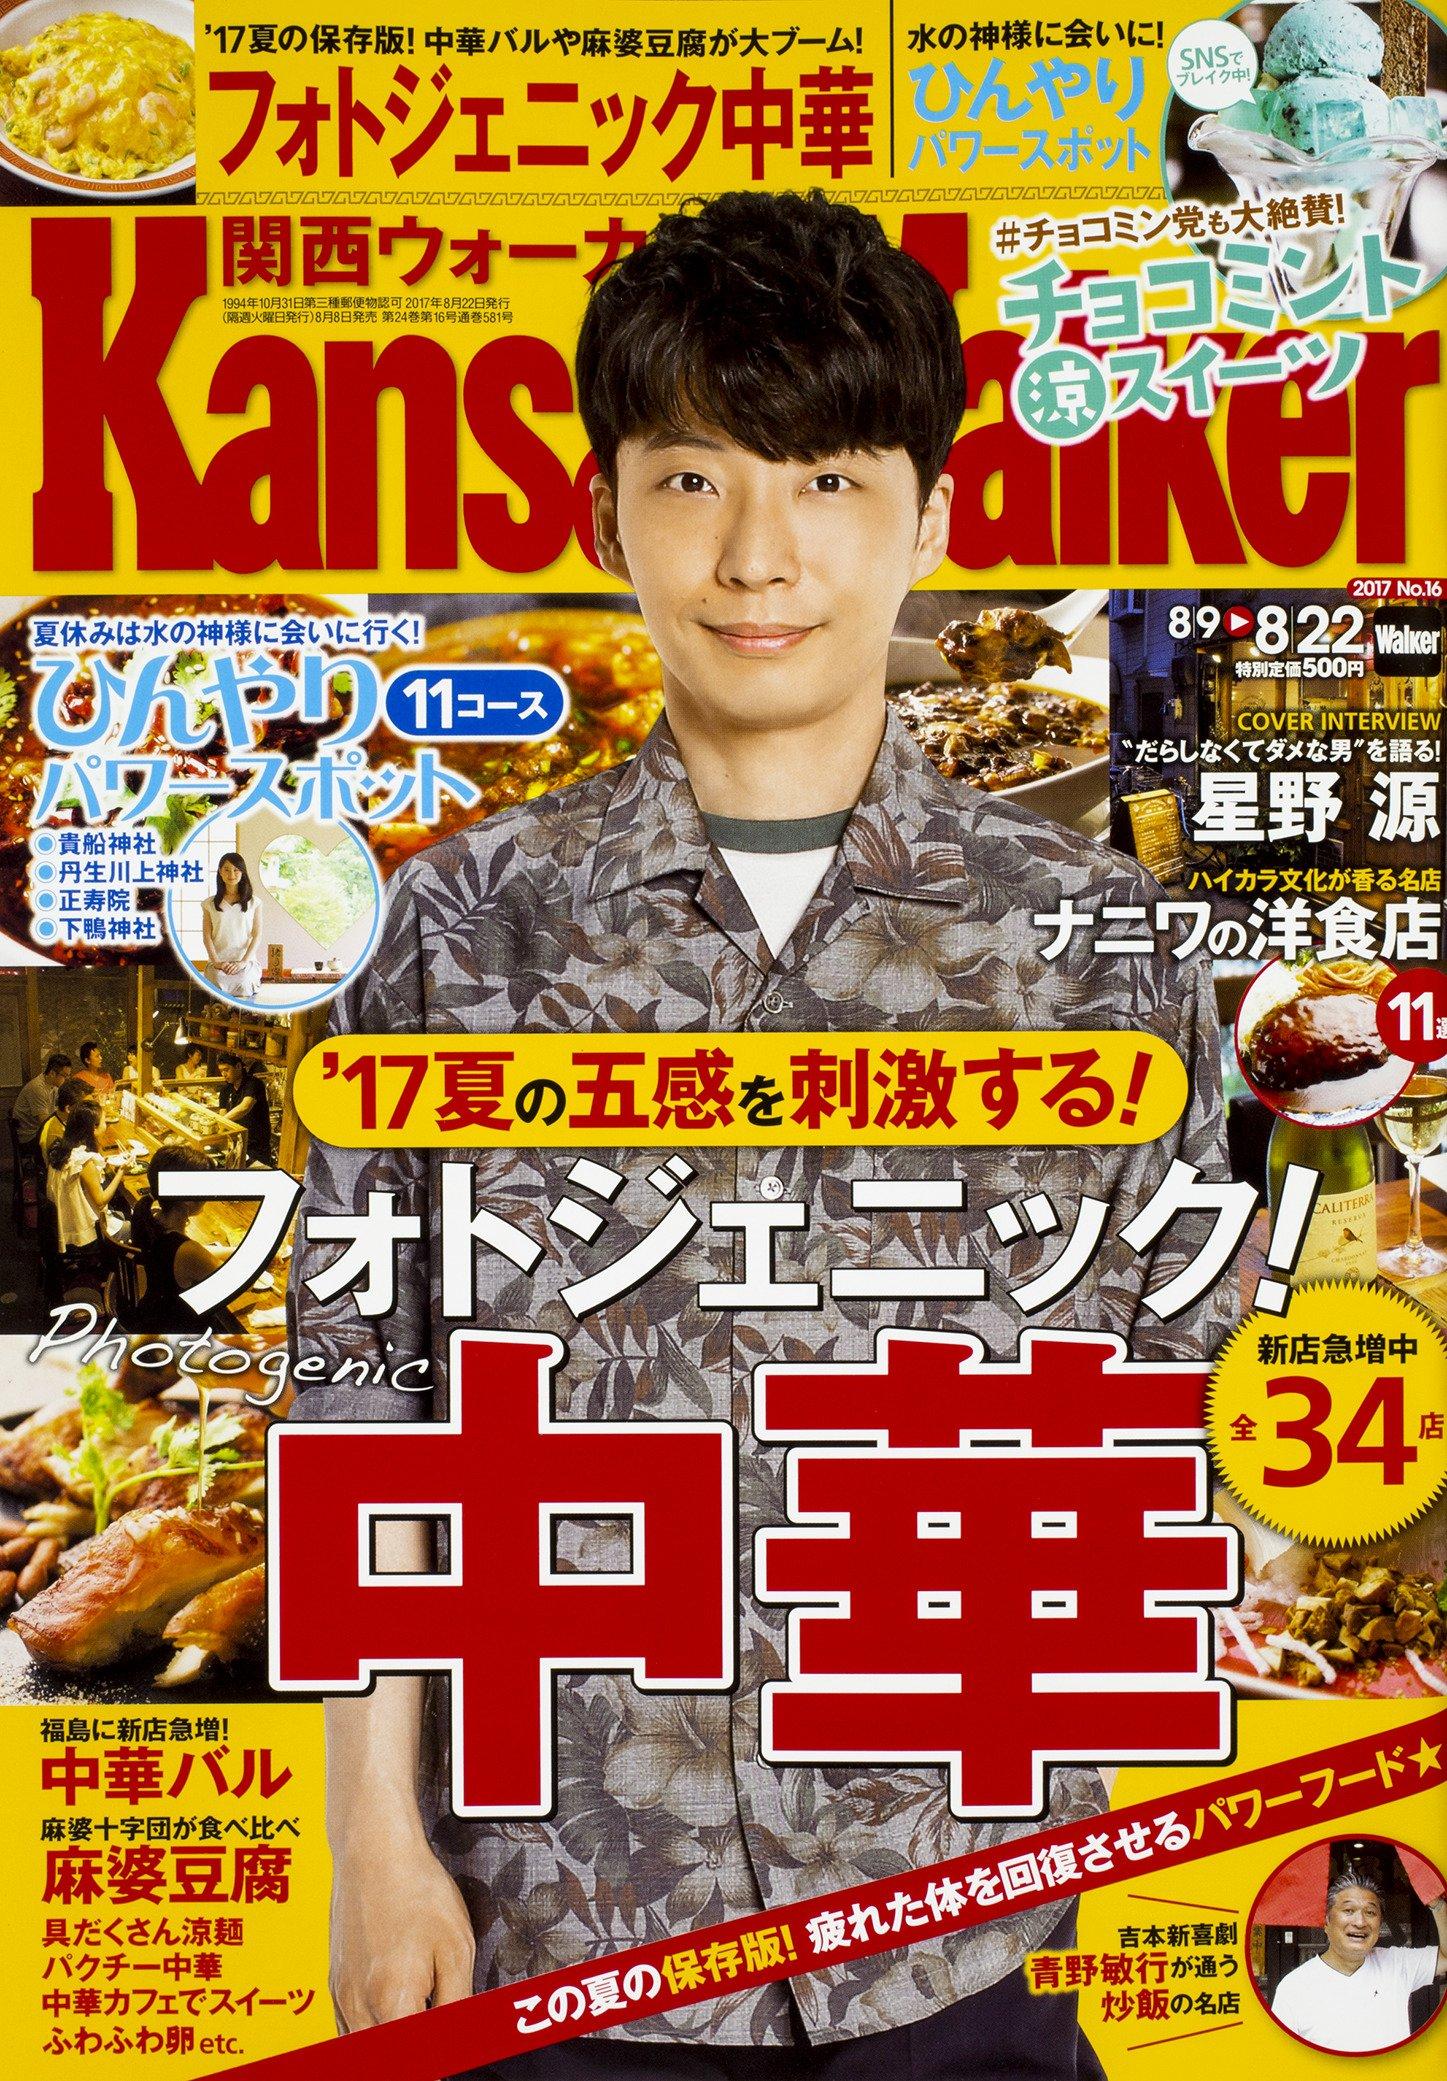 8/8(火)発売 【関西ウォーカー】